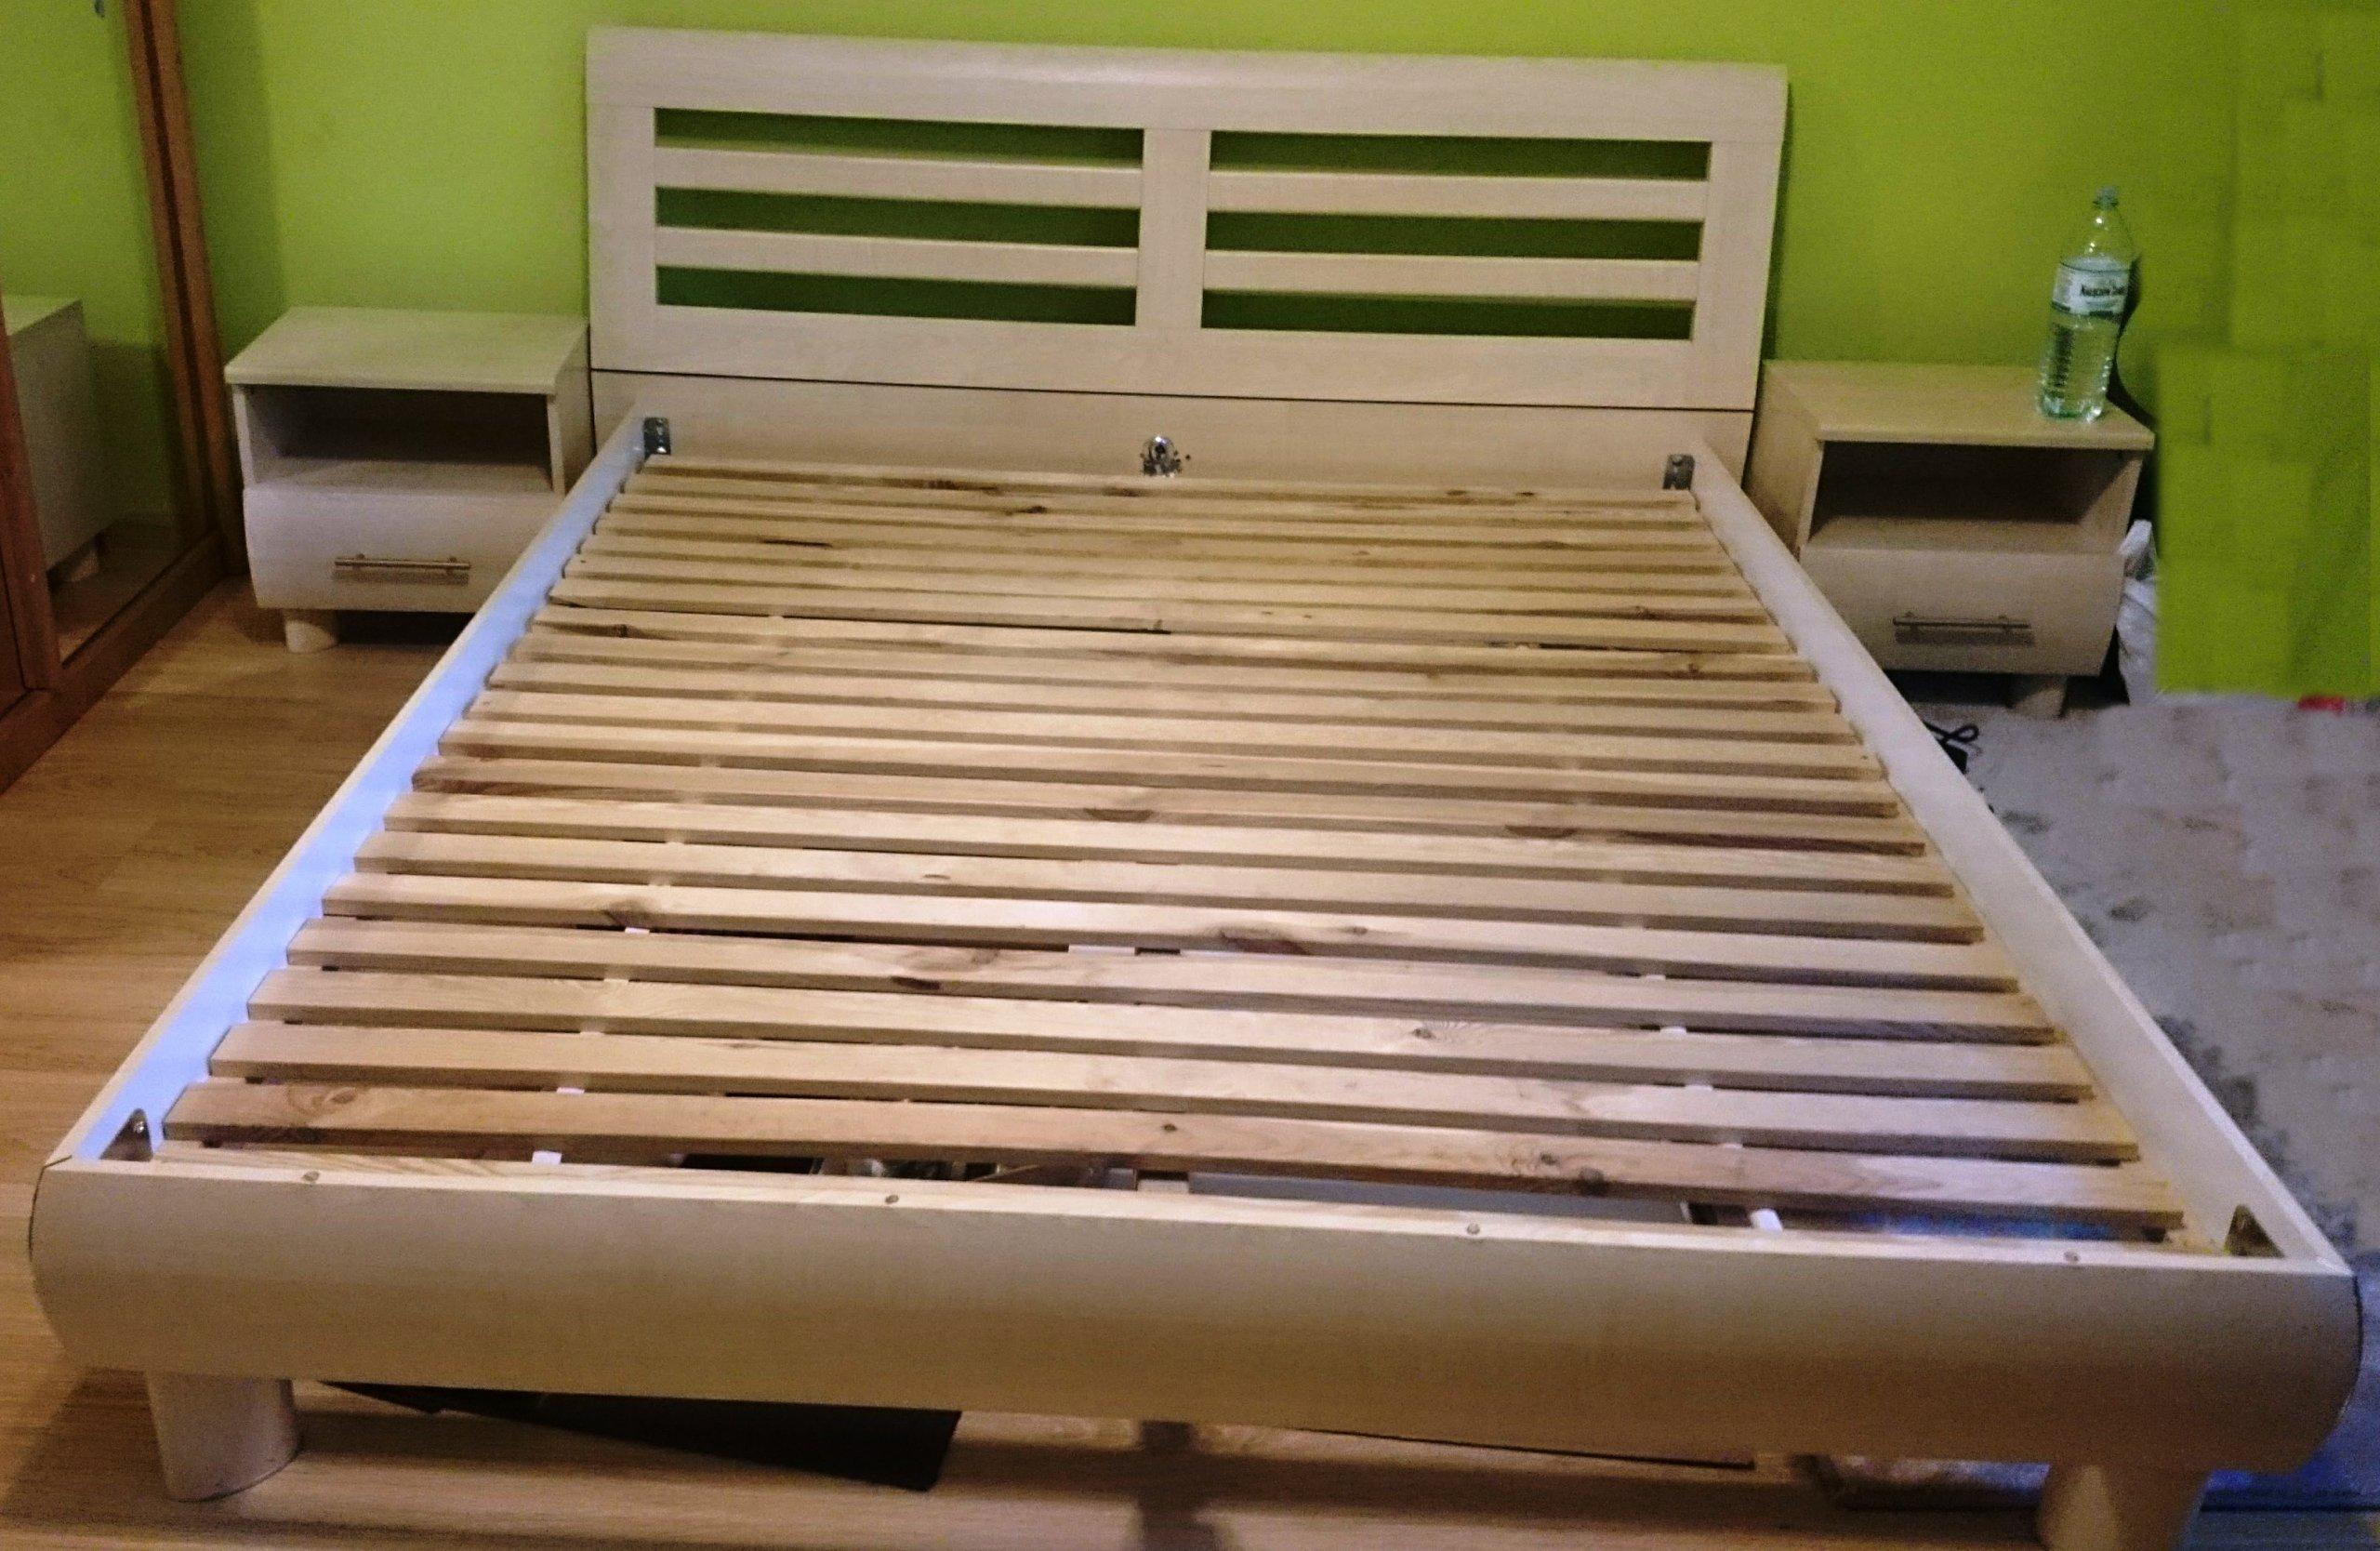 łóżko Brw 160x200 Drewniany Stelaż 2 Szafki 7236273503